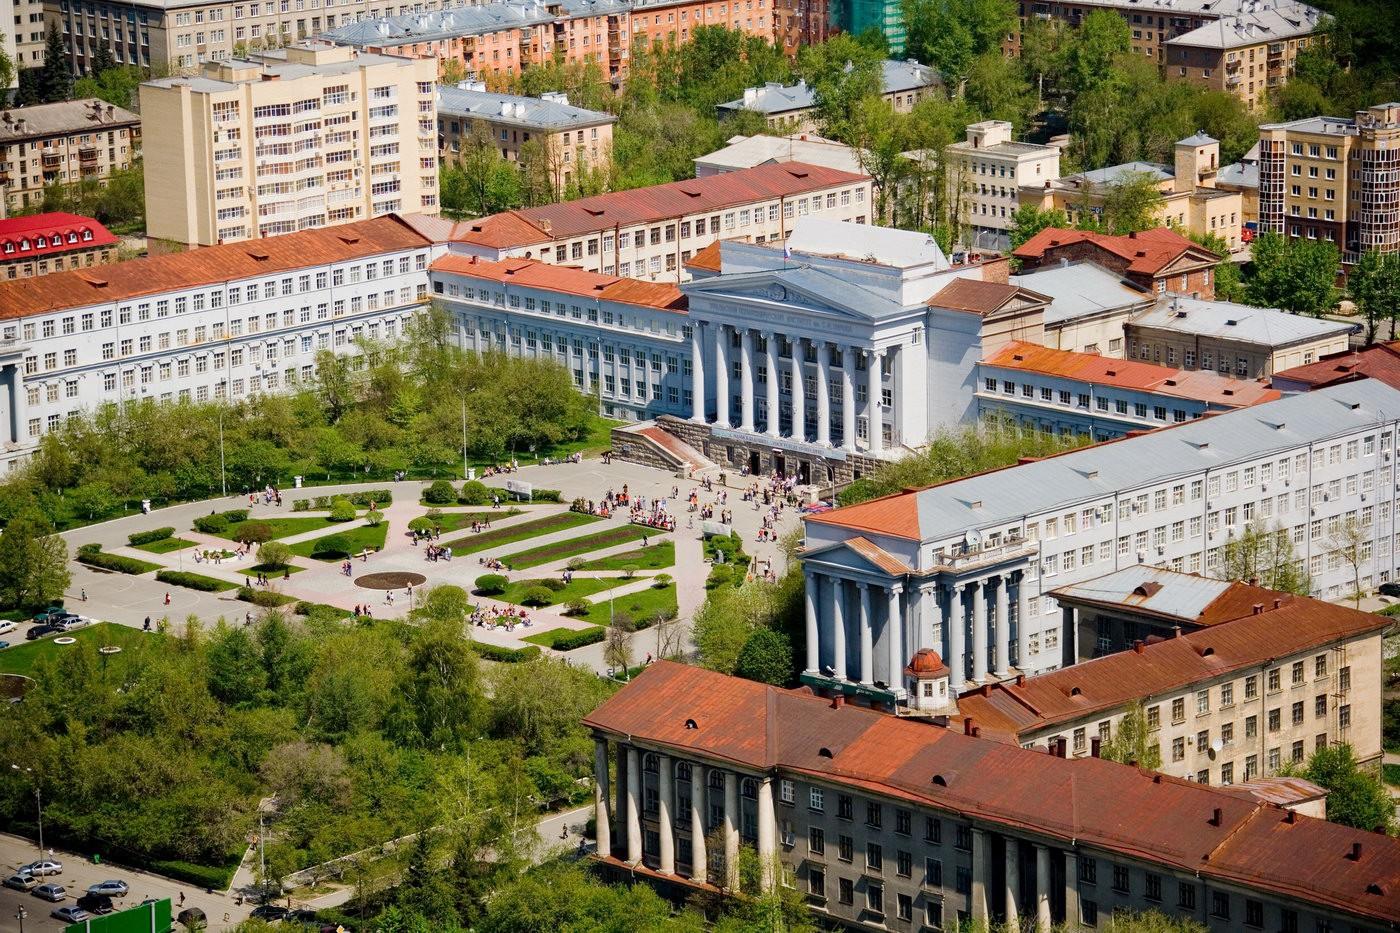 俄罗斯著名大学 - 乌拉尔联邦大学